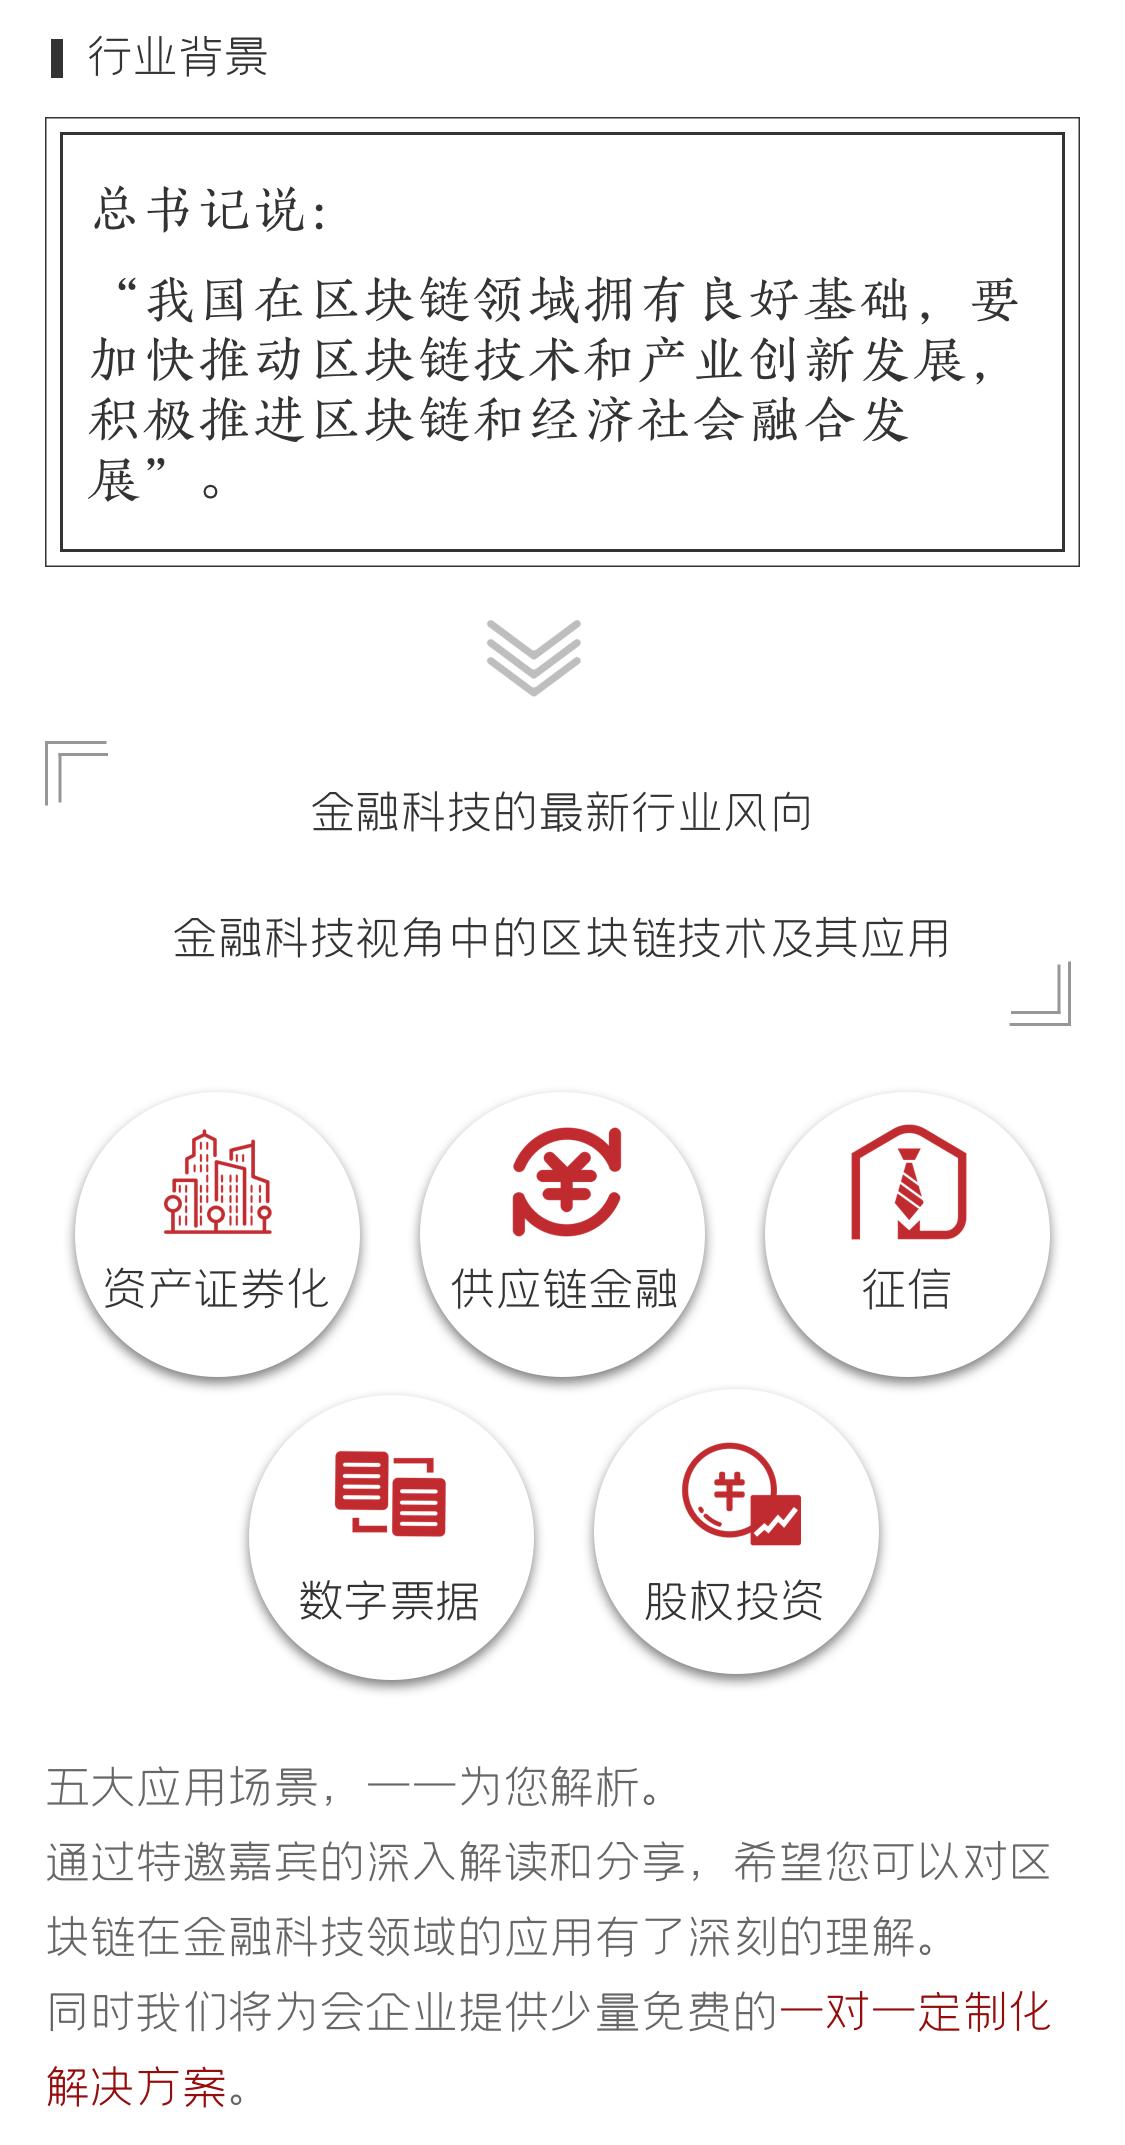 2019金融科技视角下的区块链技术及其应用(上海)